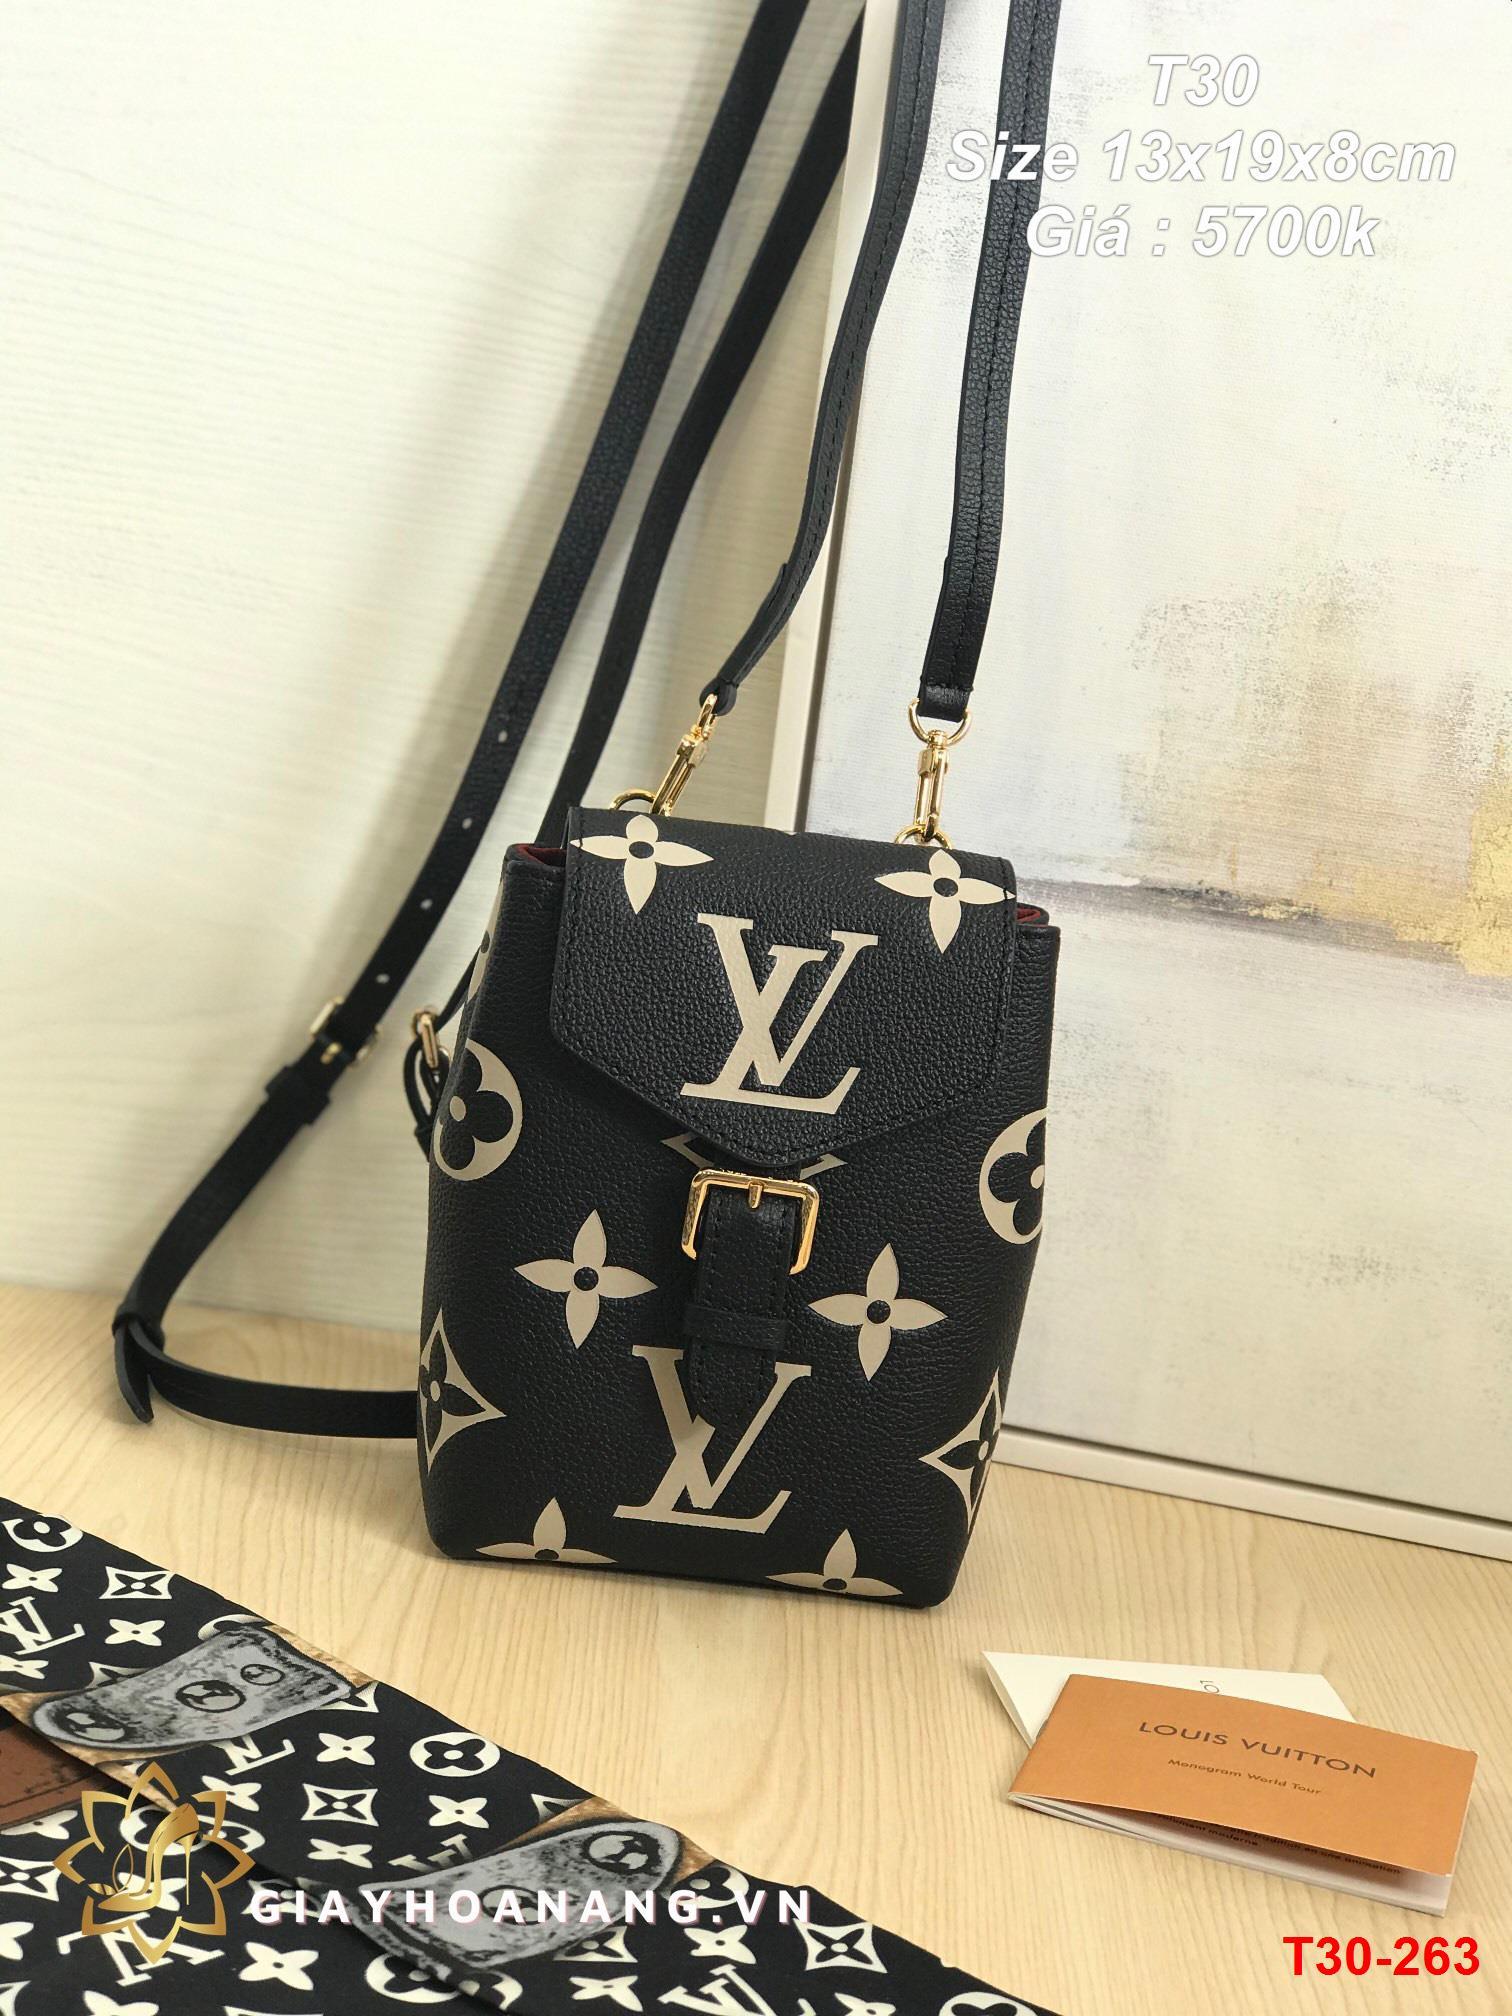 T30-263 Louis Vuitton túi size 13cm siêu cấp